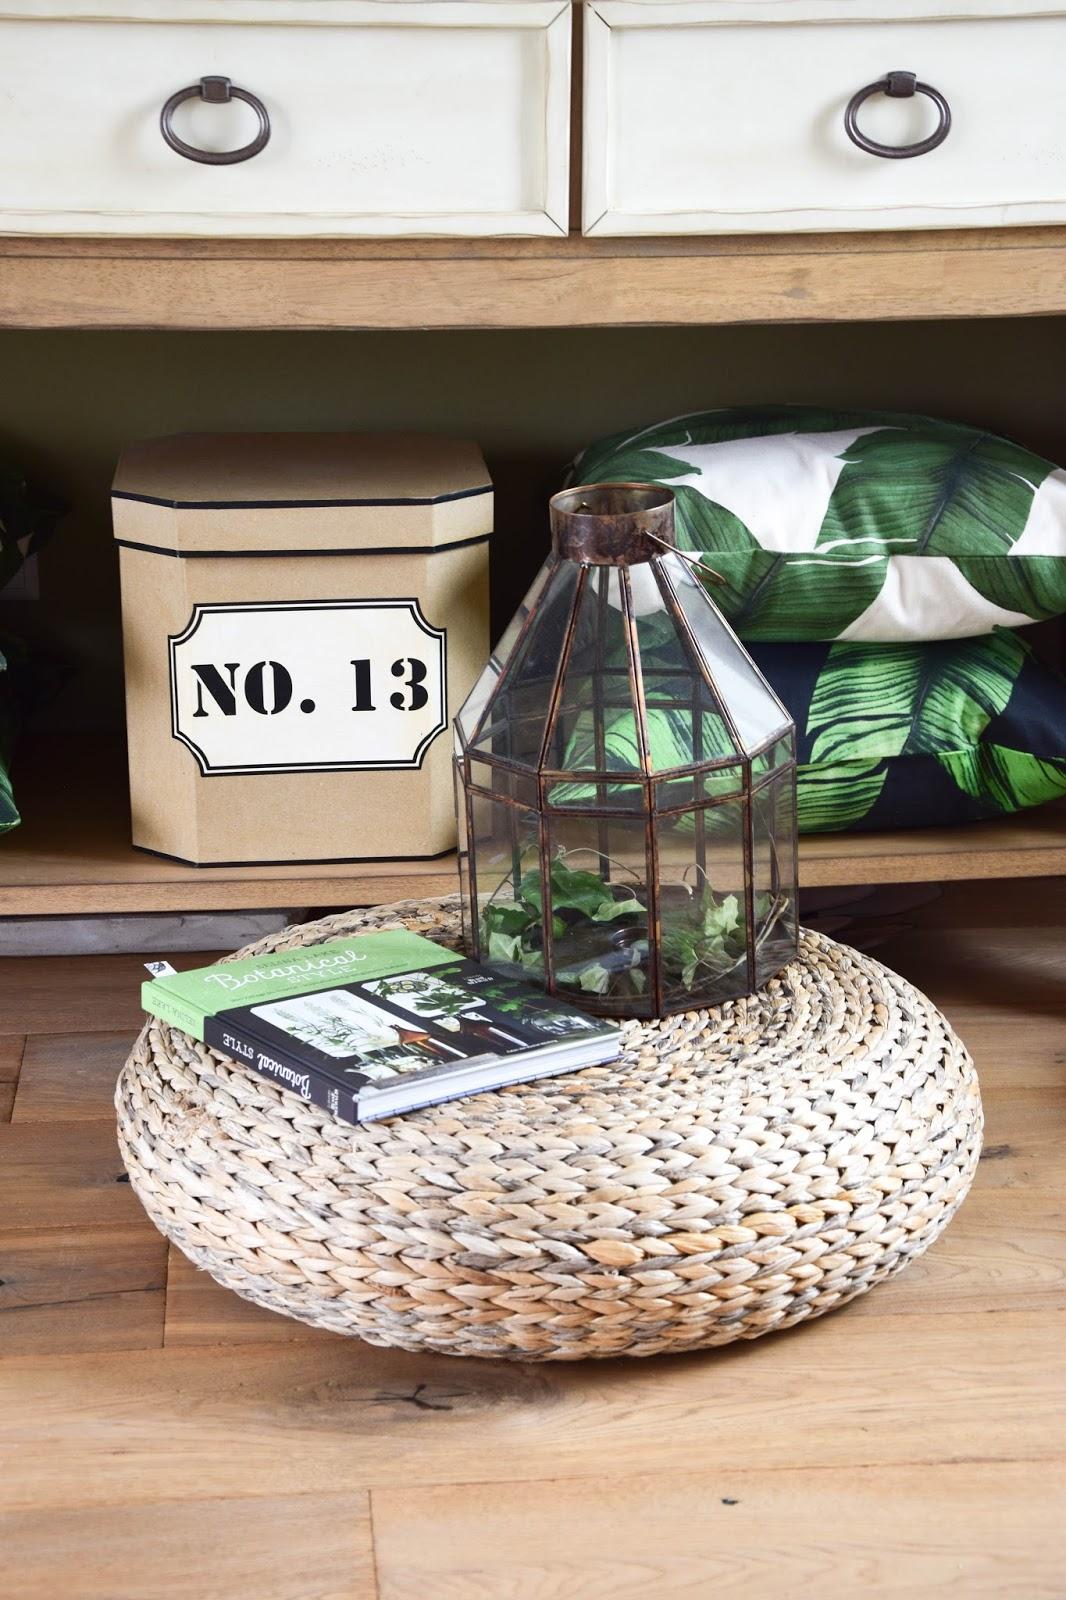 deko sideboard botanisch grün sommer pflanzen dekoration